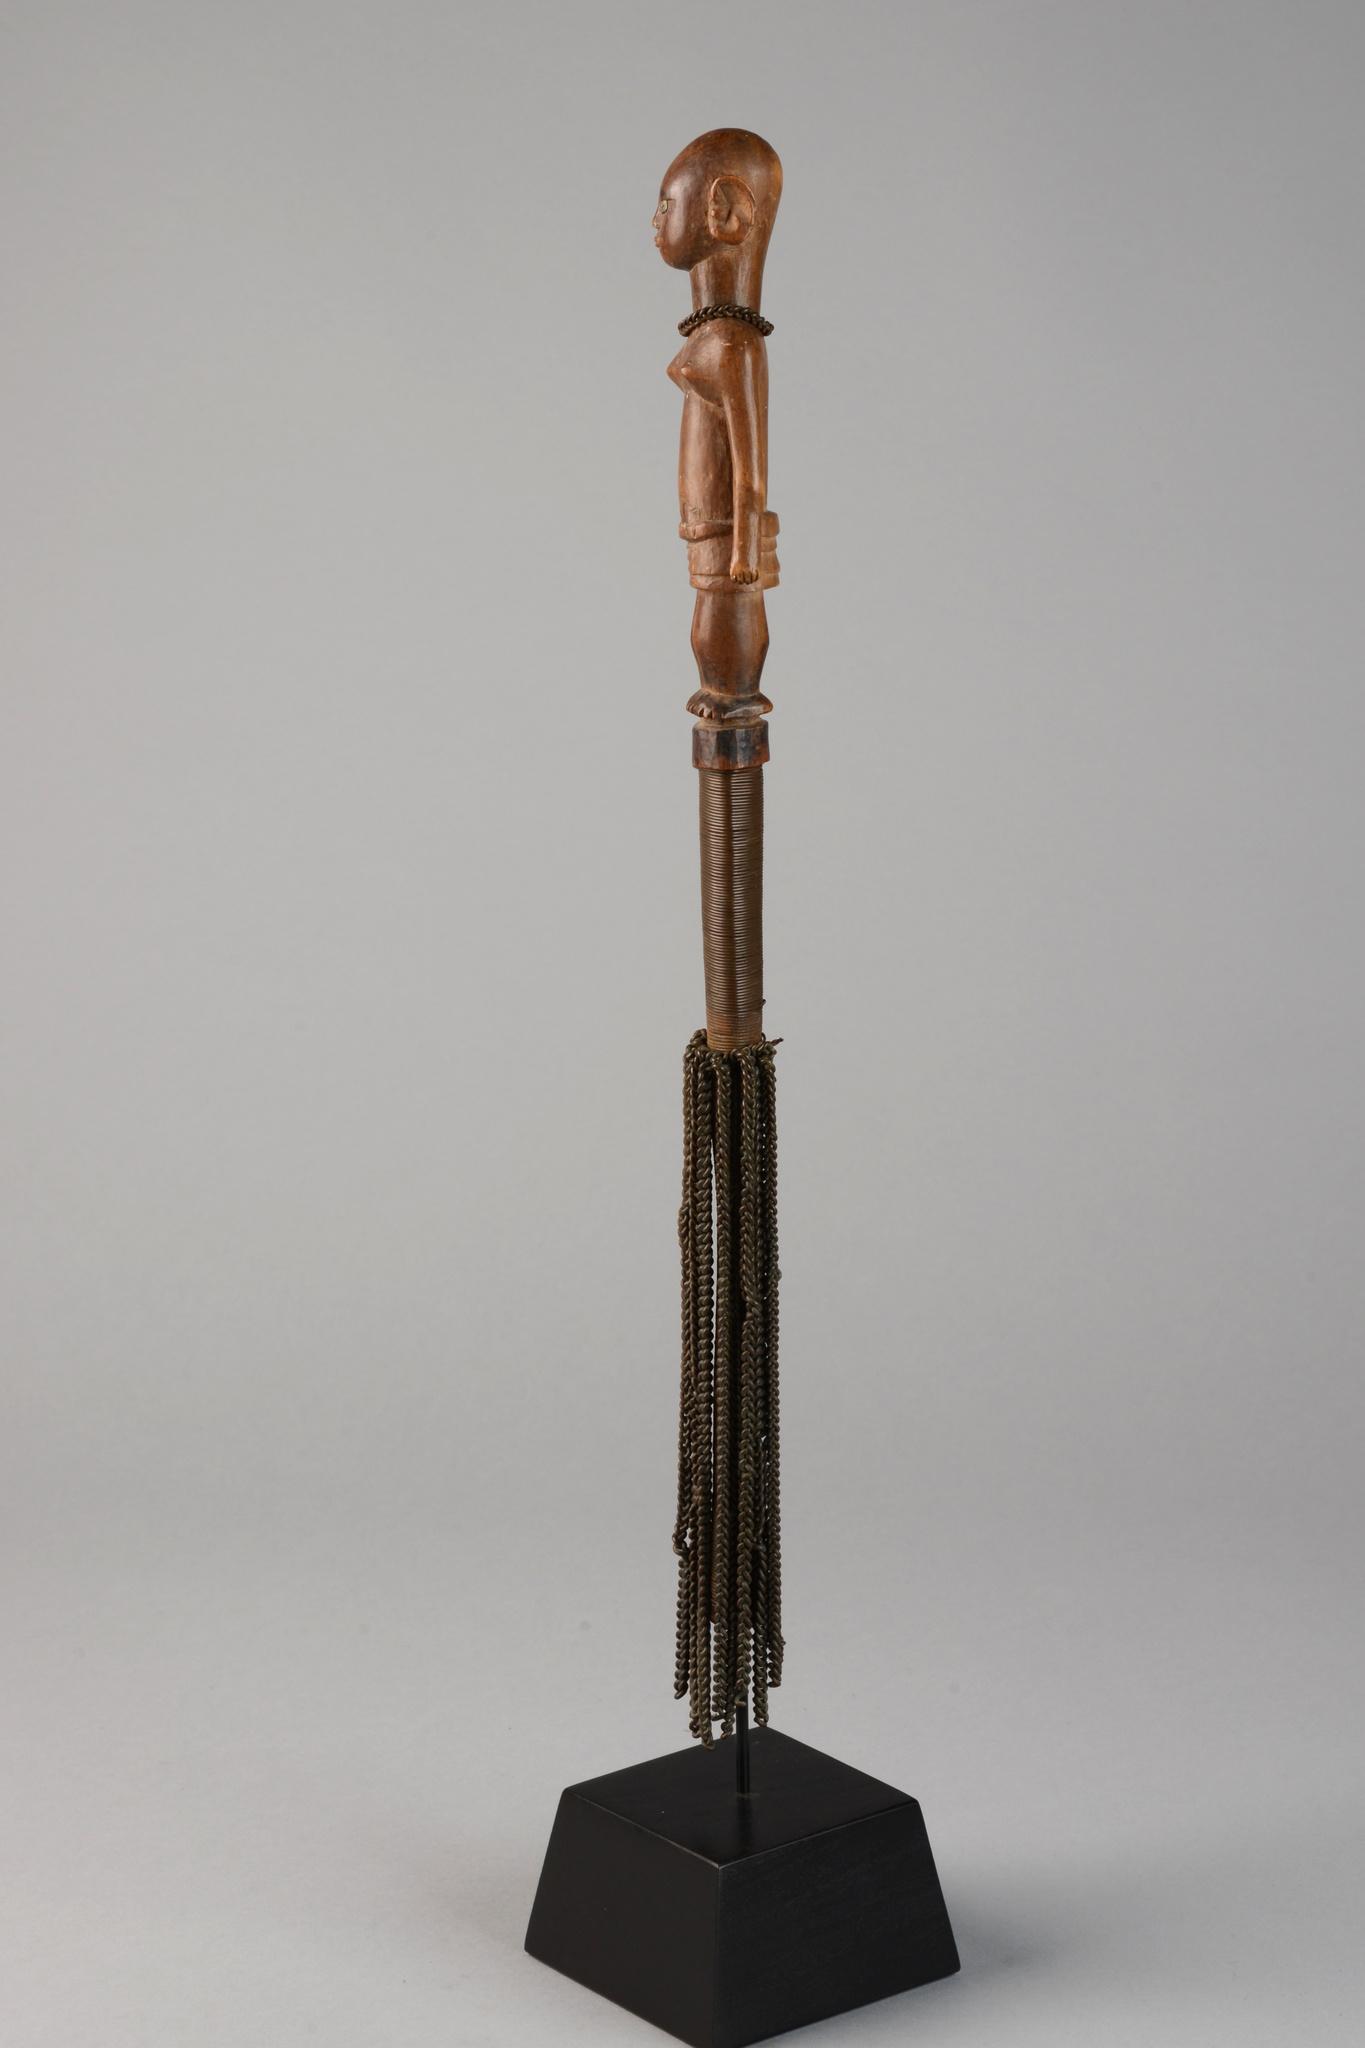 Oberteil eines figural beschnitzten Stabes